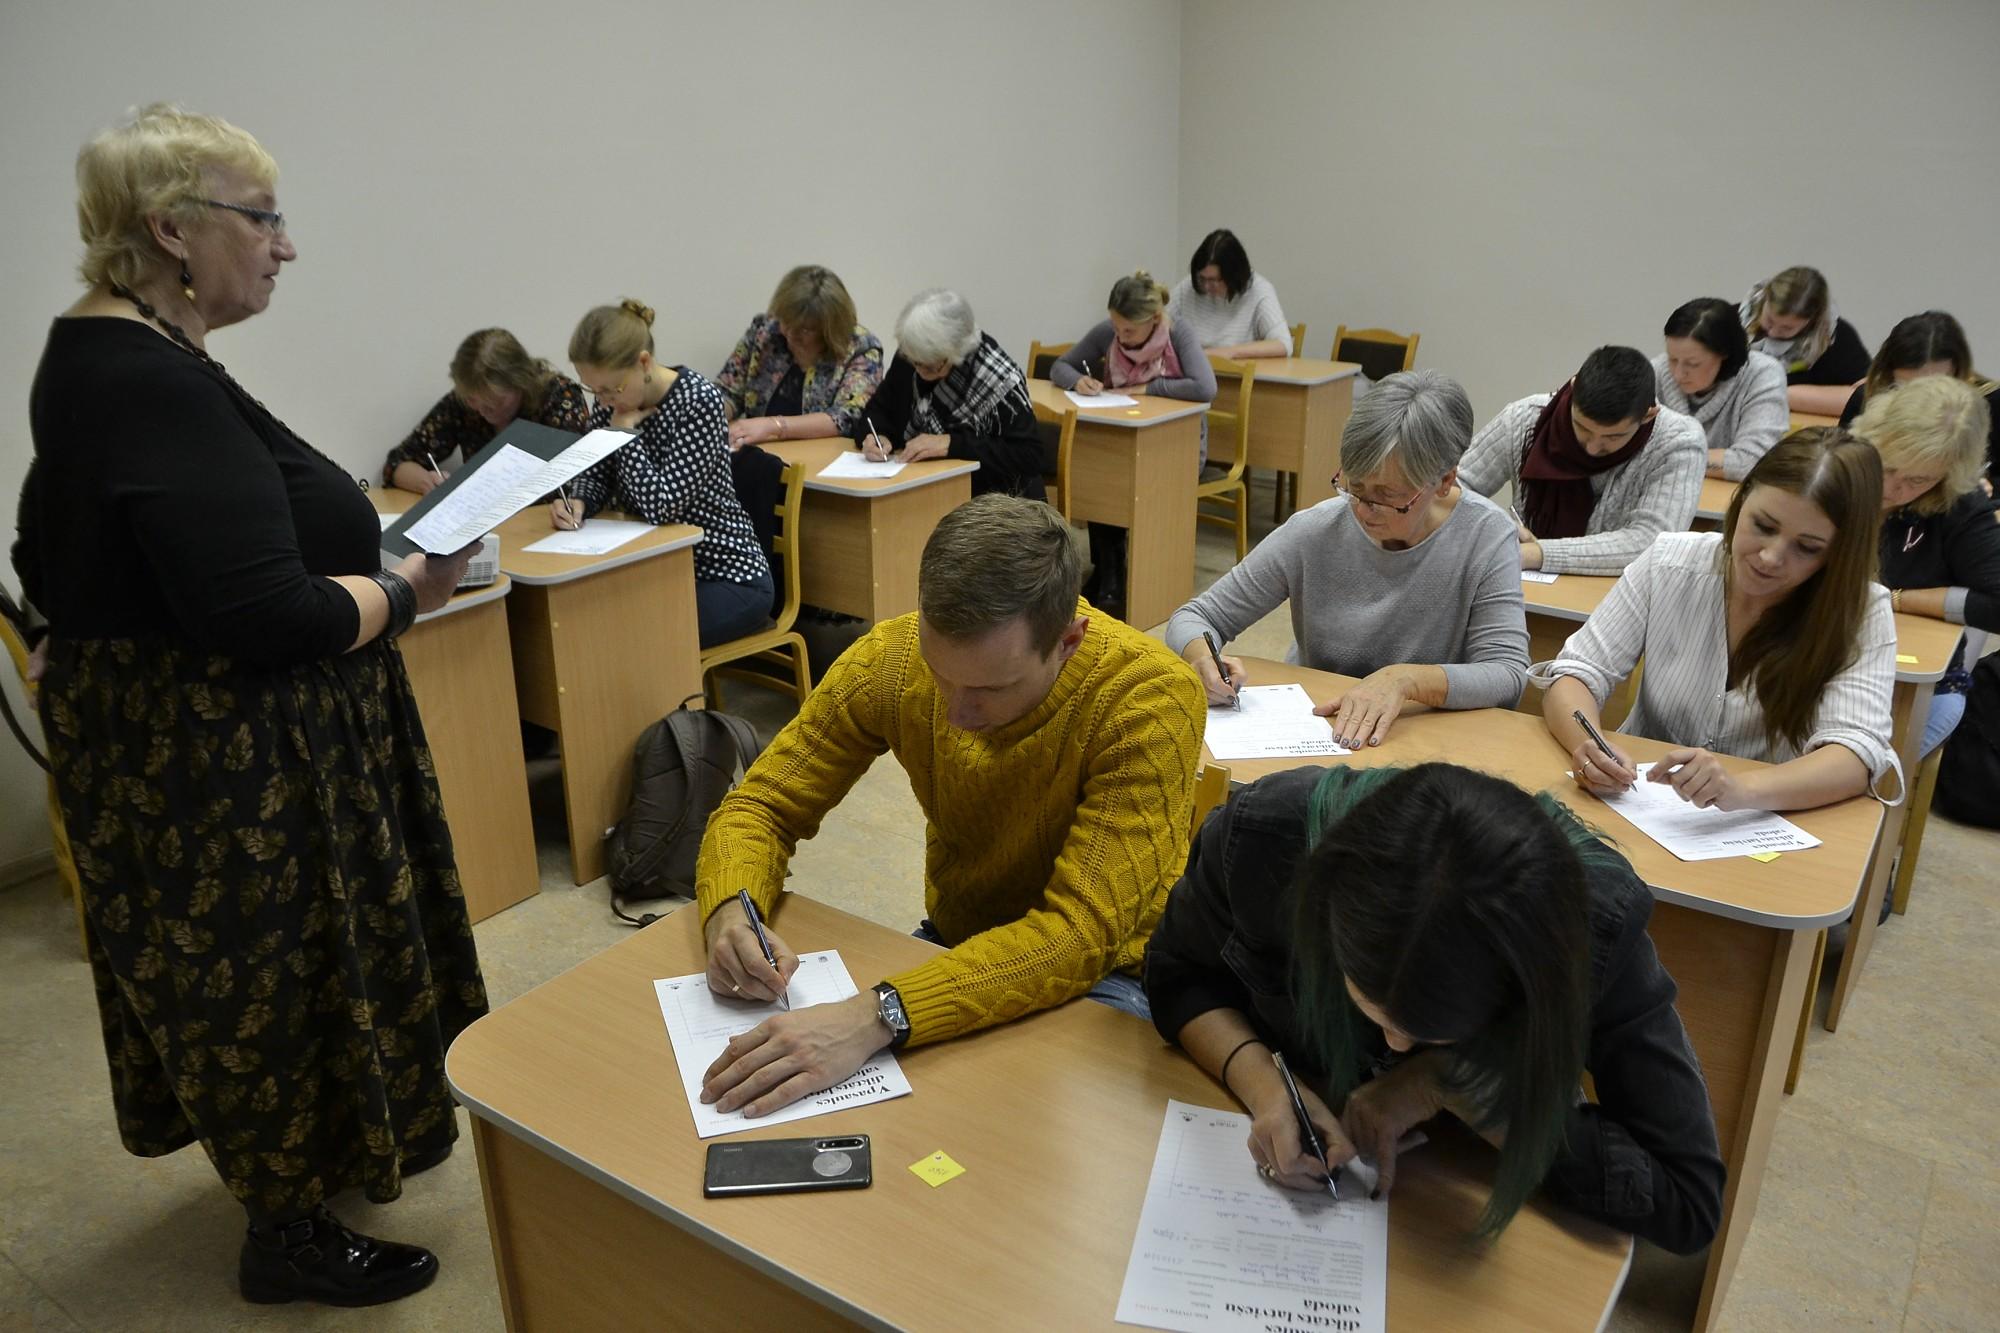 Latviešu valodas svētki, diktātu rakstot